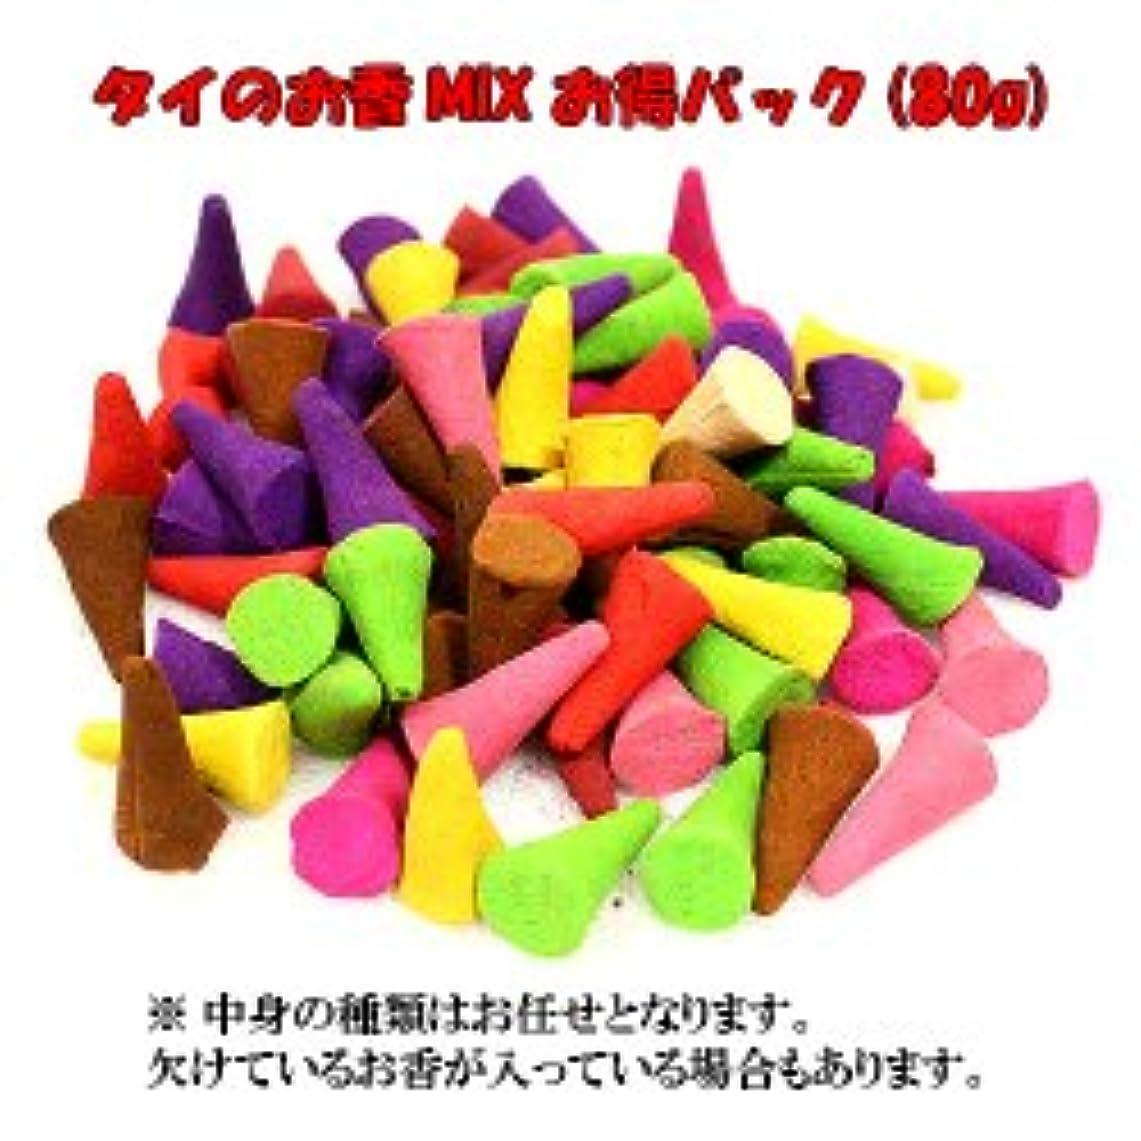 セクションガイドライン五十タイのお香 コーンタイプ インセンス MIX お得パック 80g アジアン雑貨